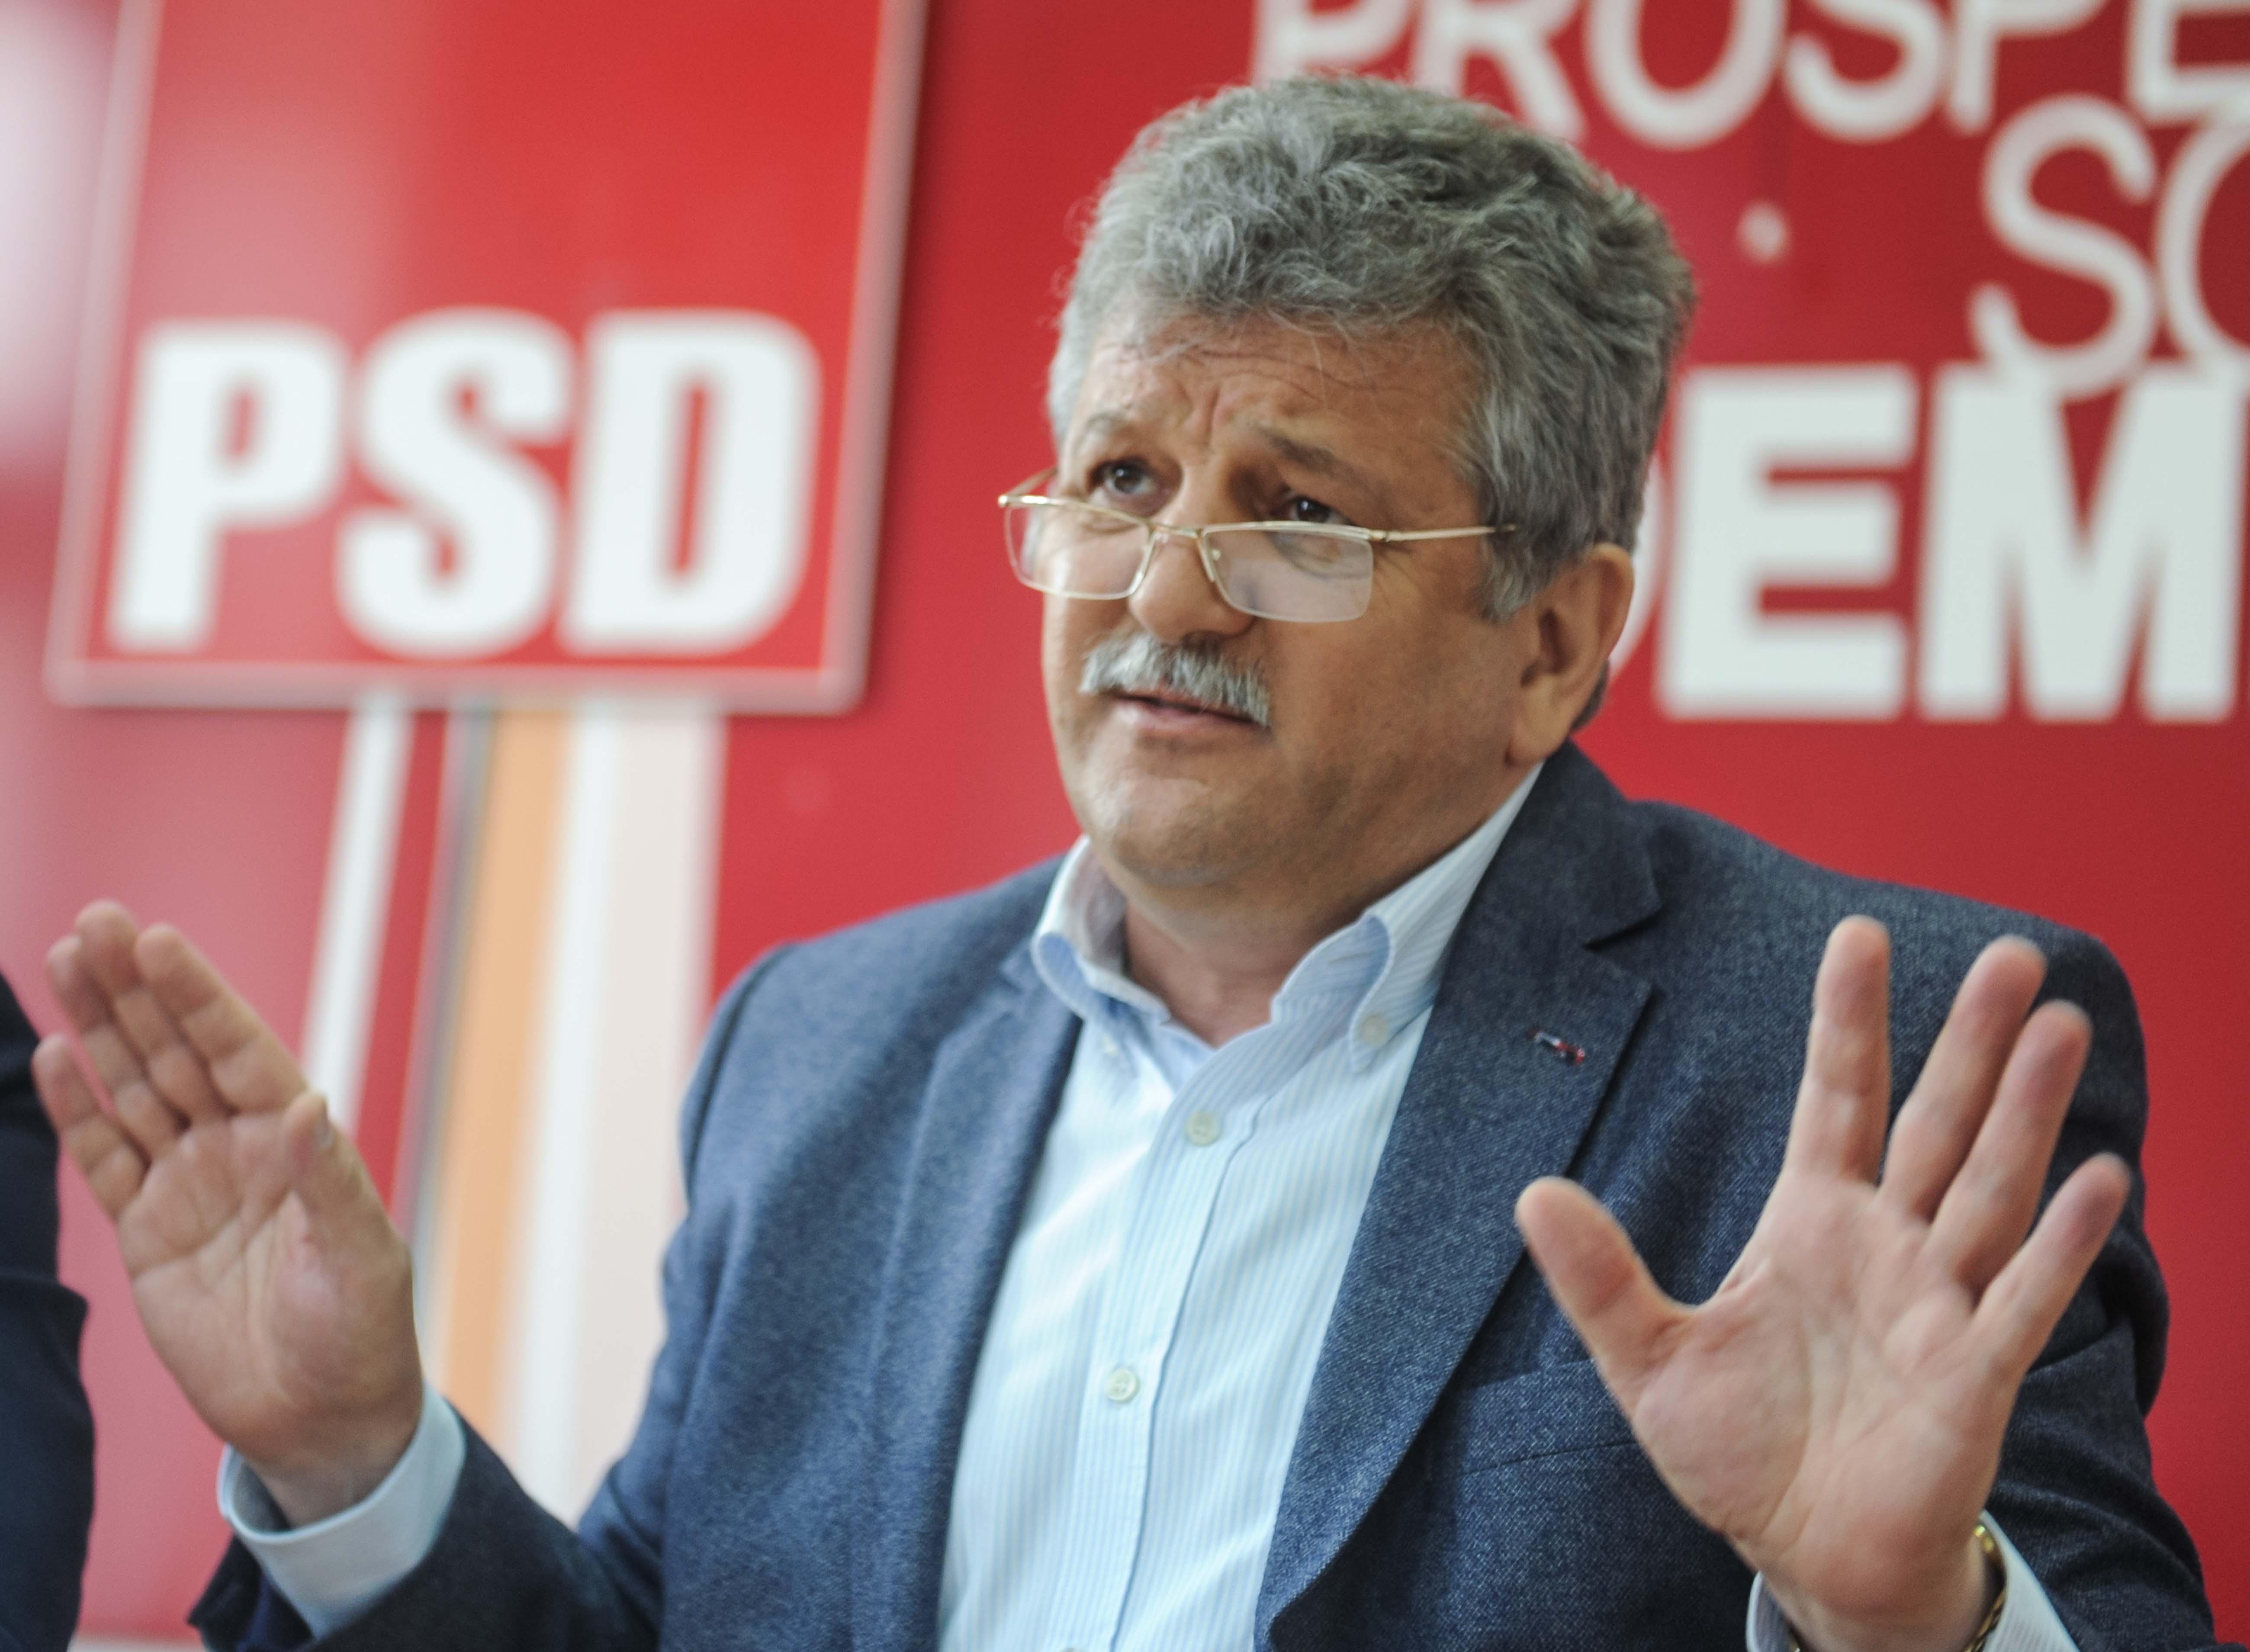 Florin Barsasteanu presedinte PSD Timisoara 23